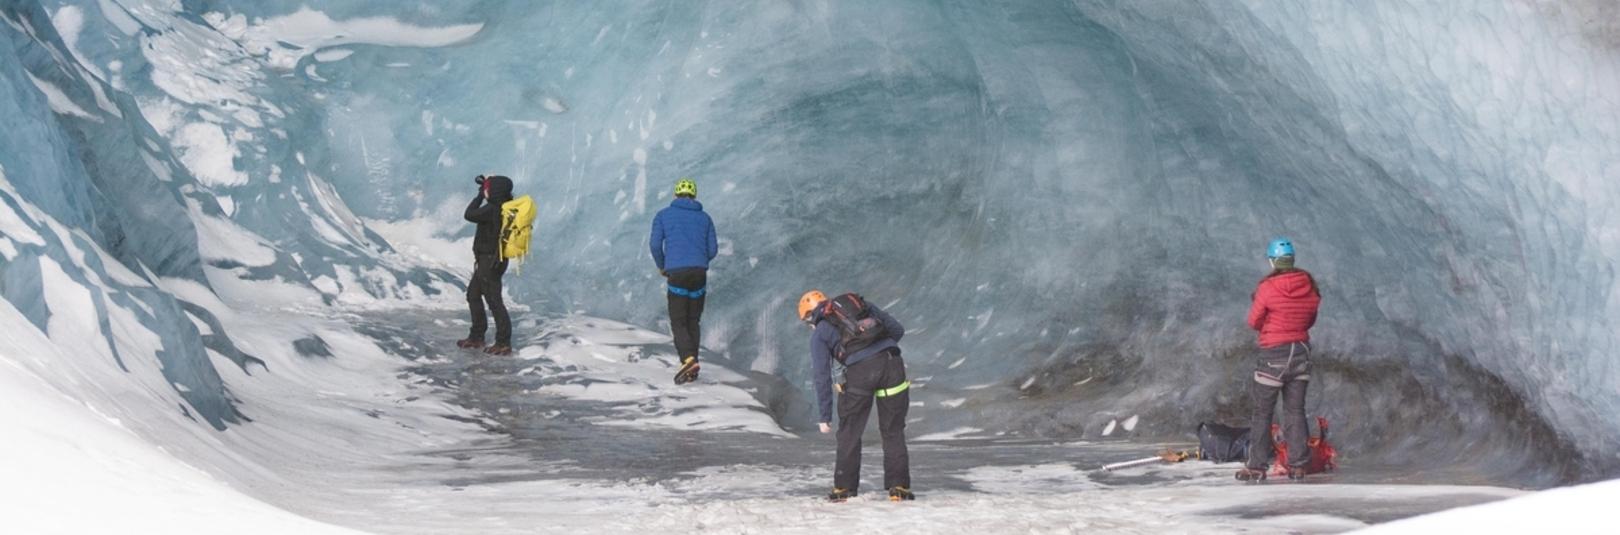 Rannsóknasetur Háskóla Íslands á Hornafirði - á vefsíðu Háskóla Íslands